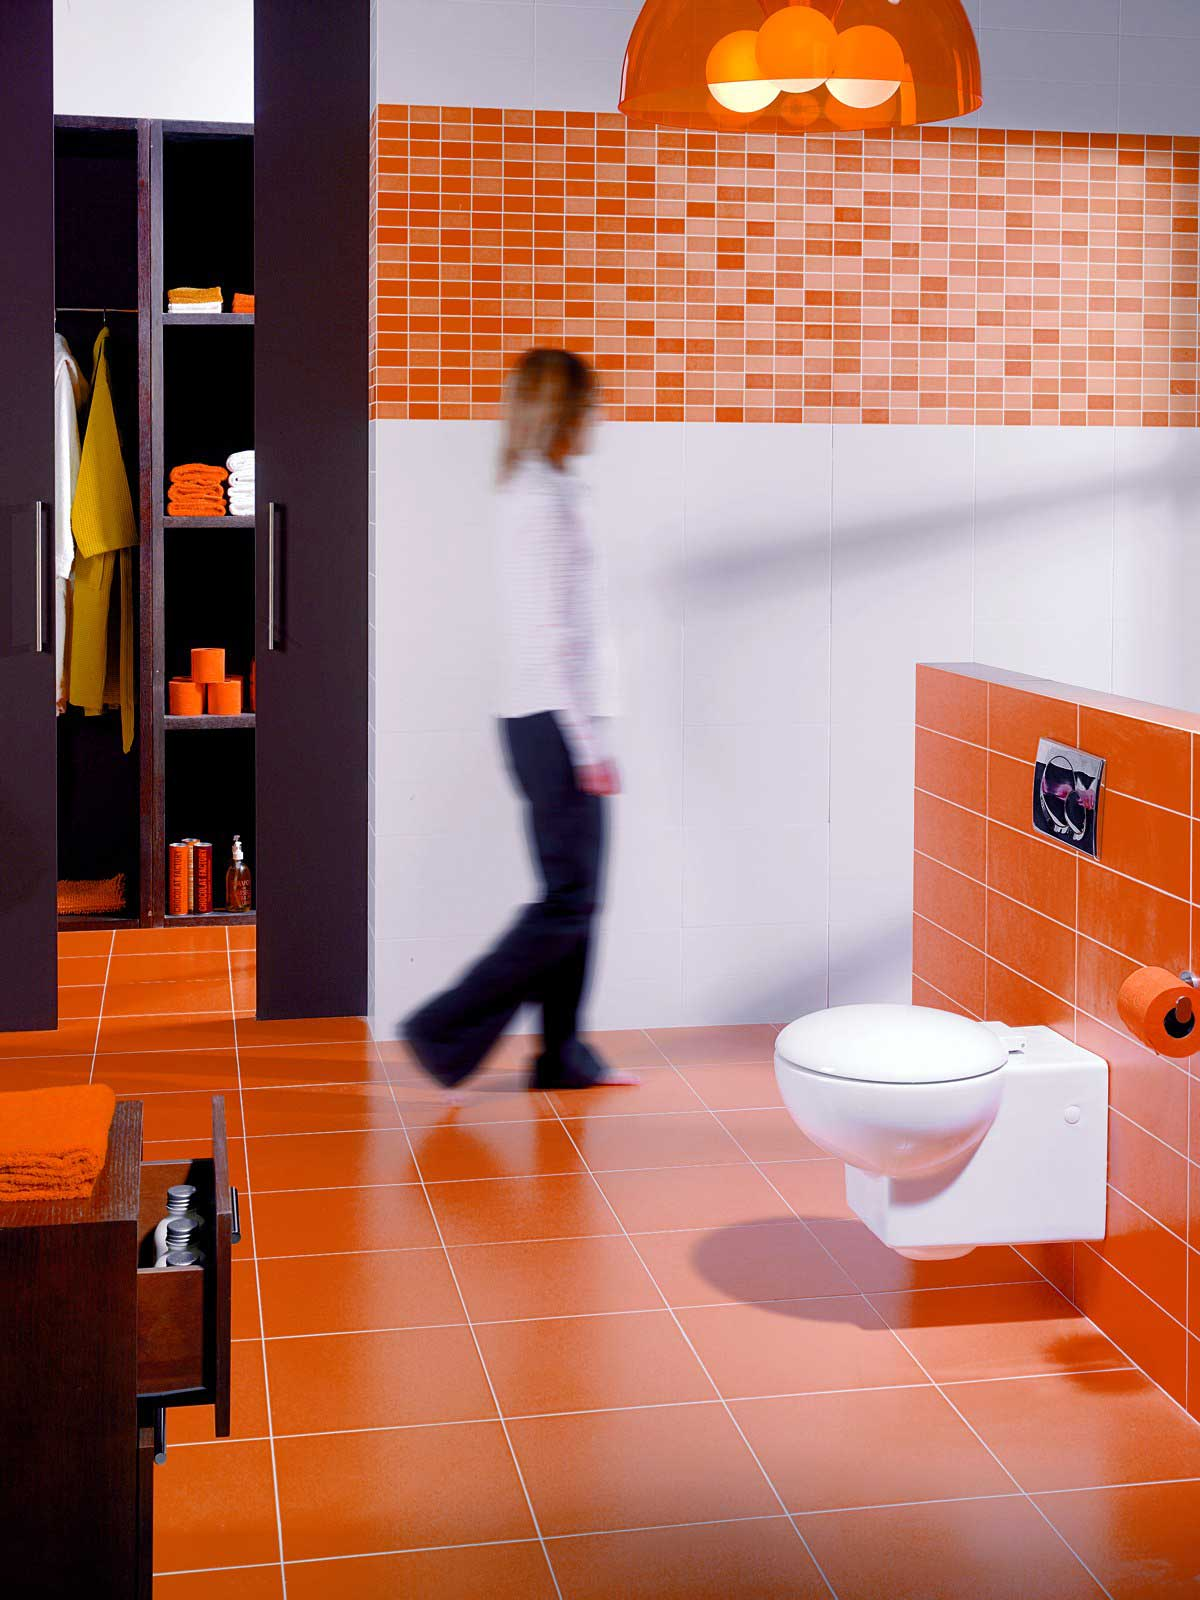 Piastrelle Bagno Arancione.Bagno Con Rivestimento In Ceramica Ditta Marazzi Serie Folk